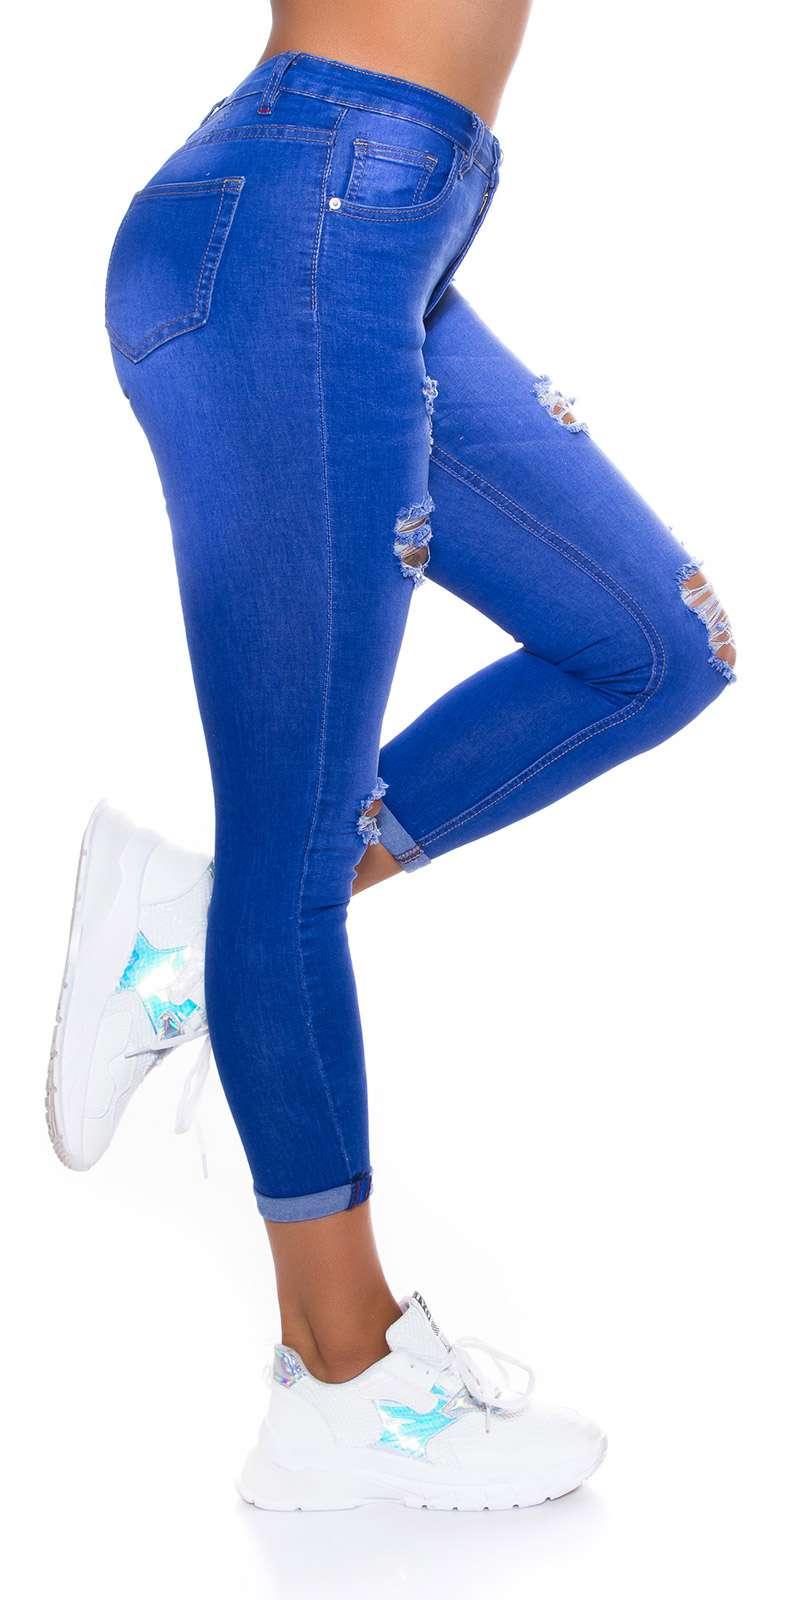 High Waist Jeans Calea